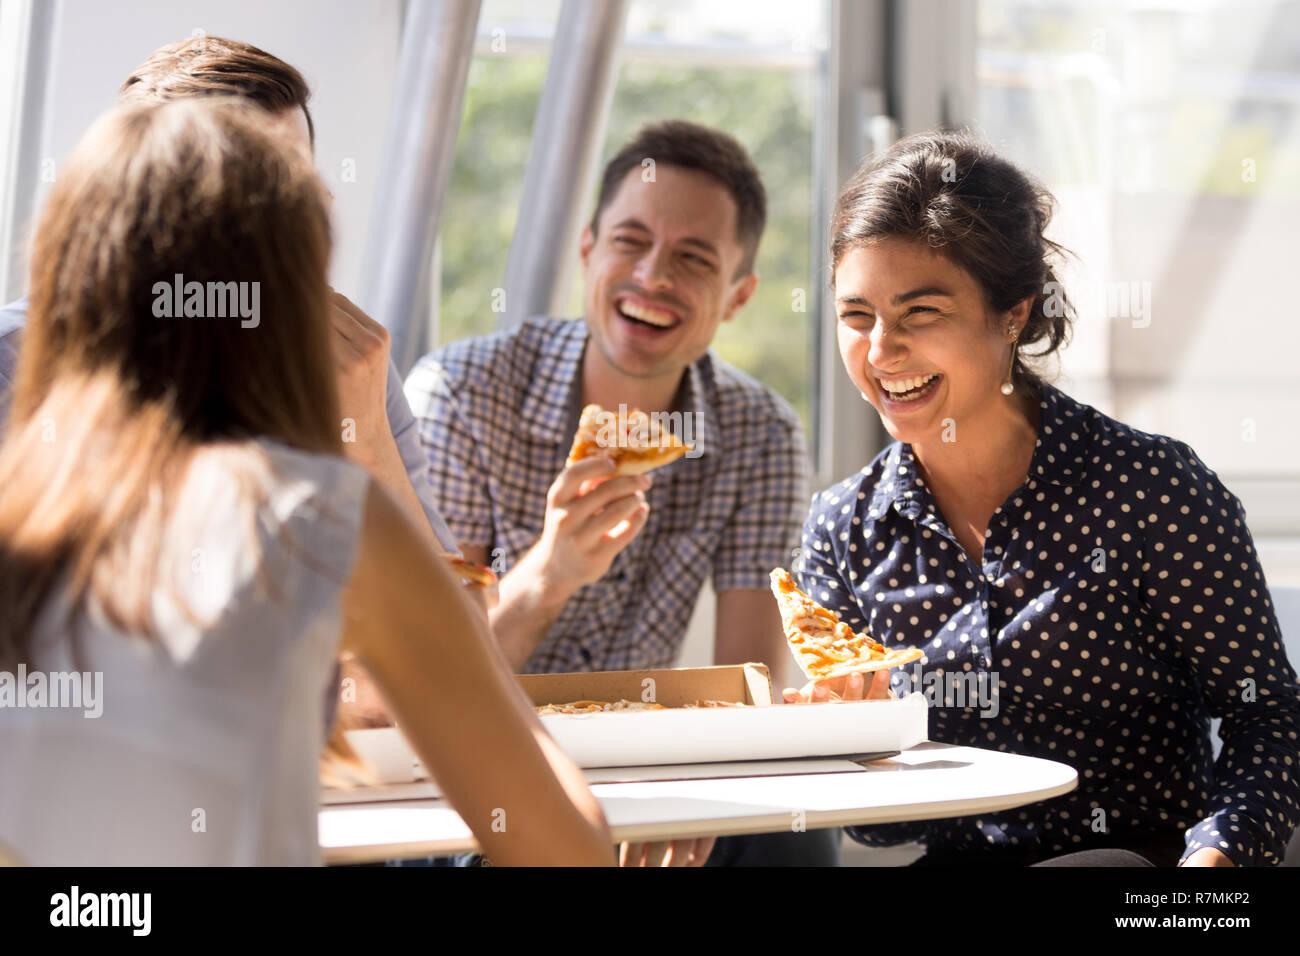 Indische Frau Lachen Essen Pizza Mit Kollegen Im Buro Stockfoto